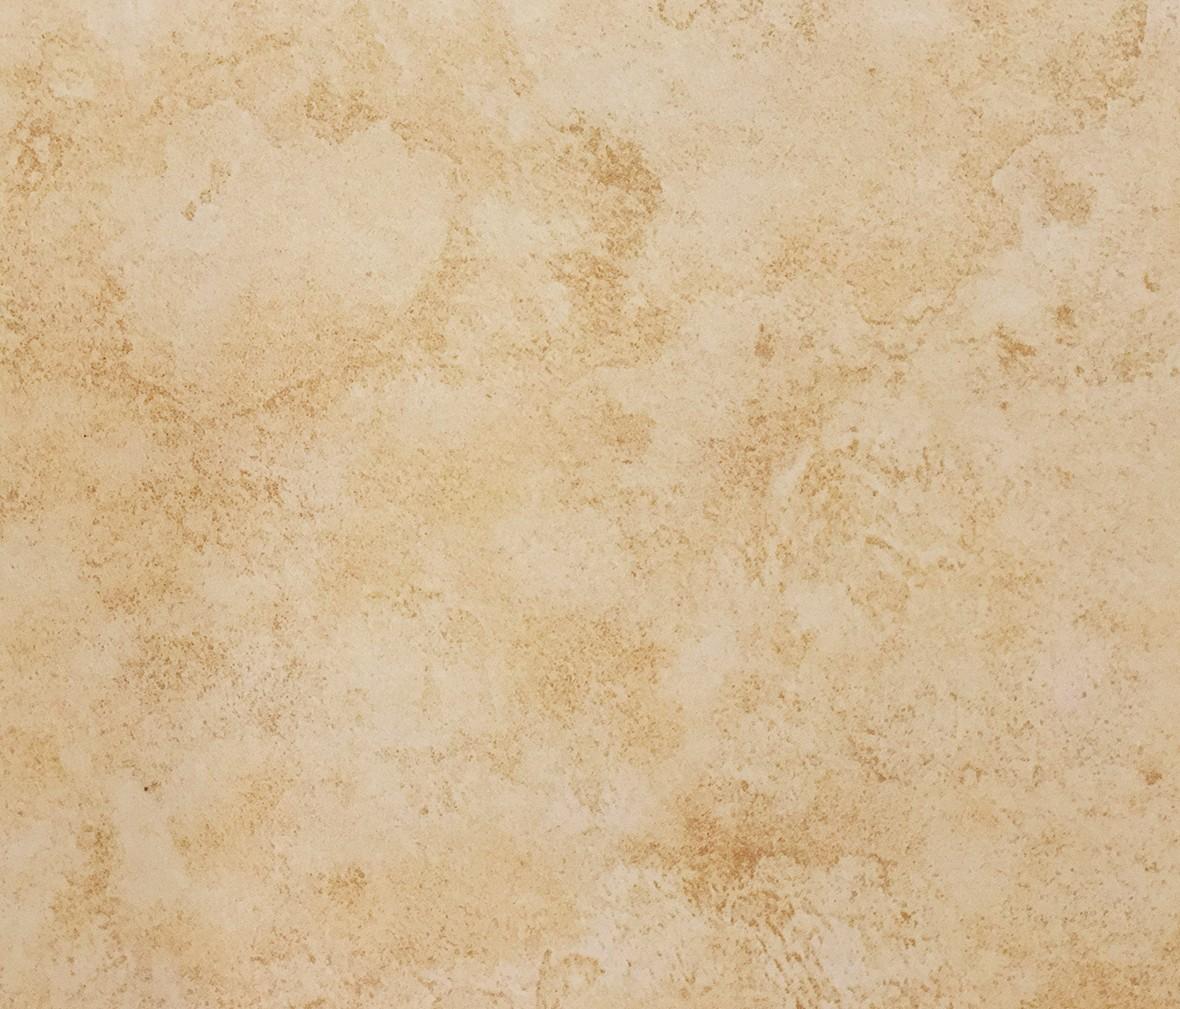 玛拉兹 GE603型号仿古砖 瓷土材质家用地砖仿古砖 图片、价格、品牌、评测样样齐全!【蓝景商城正品行货,蓝景丽家大钟寺家居广场提货,北京地区配送,领券更优惠,线上线下同品同价,立即购买享受更多优惠哦!】